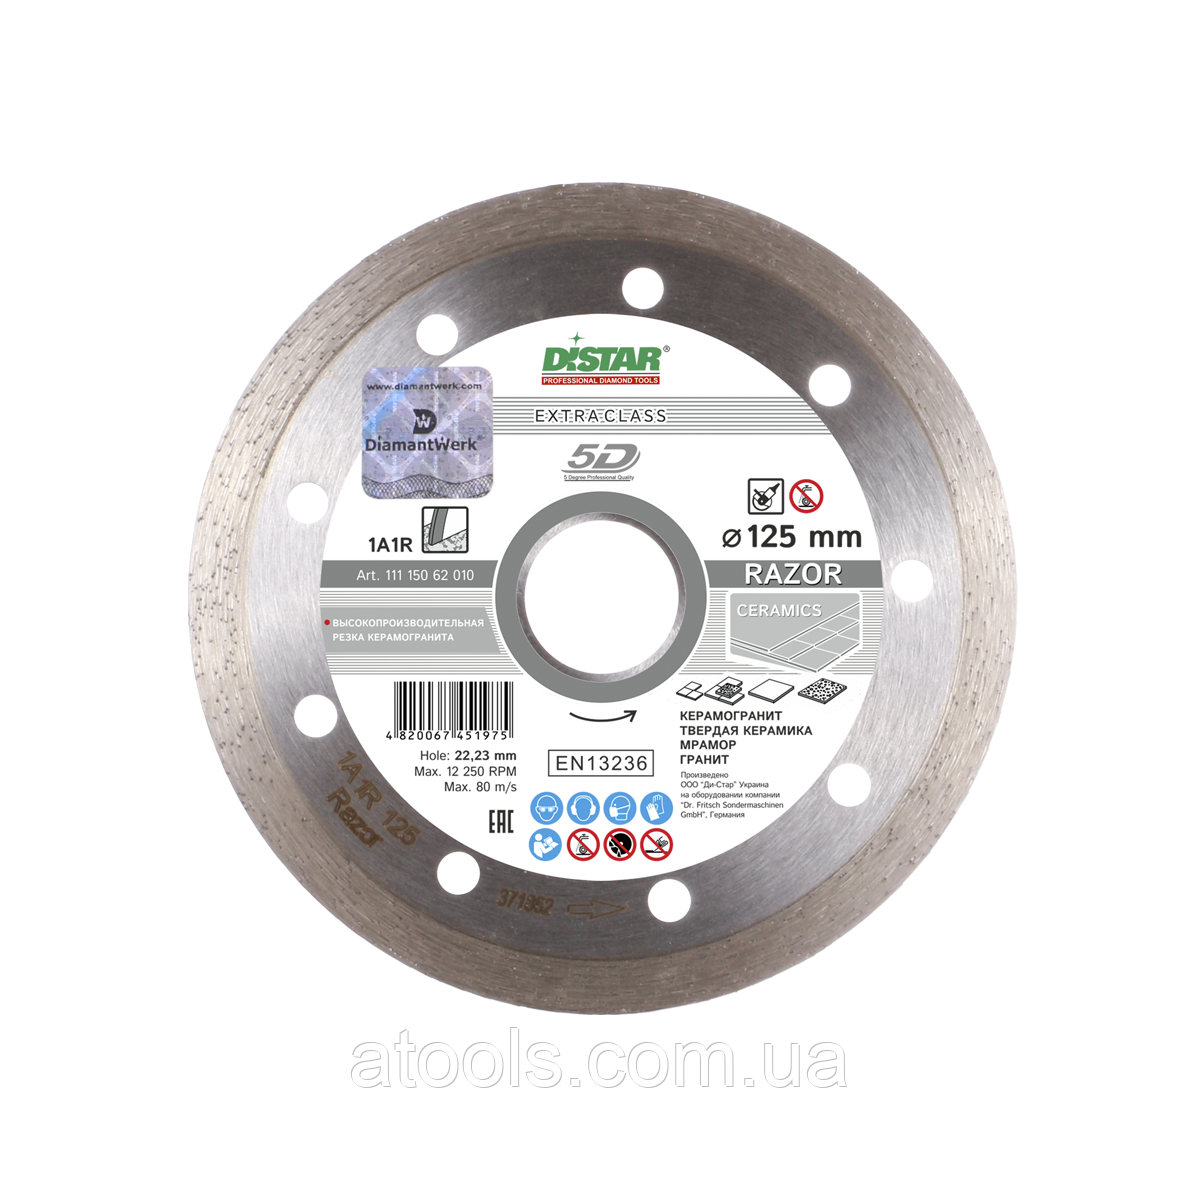 Алмазный отрезной диск Distar Razor 1A1R 115x1.6x8x22.23 (11115062009)